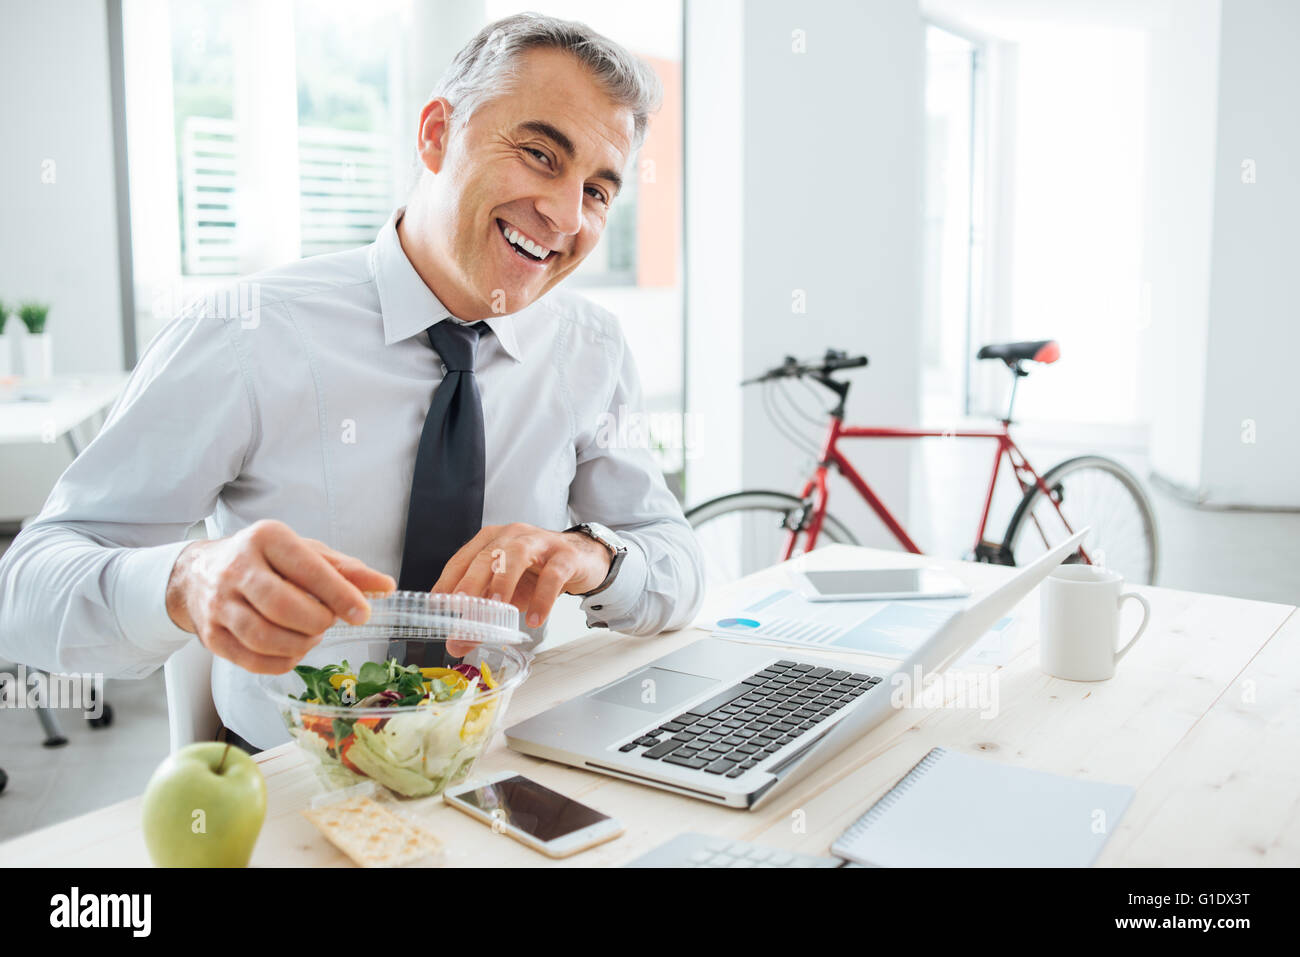 Glücklich Kaufmann brechen seinen Salat Pack öffnen und mit einem Mittagessen am Schreibtisch Stockbild